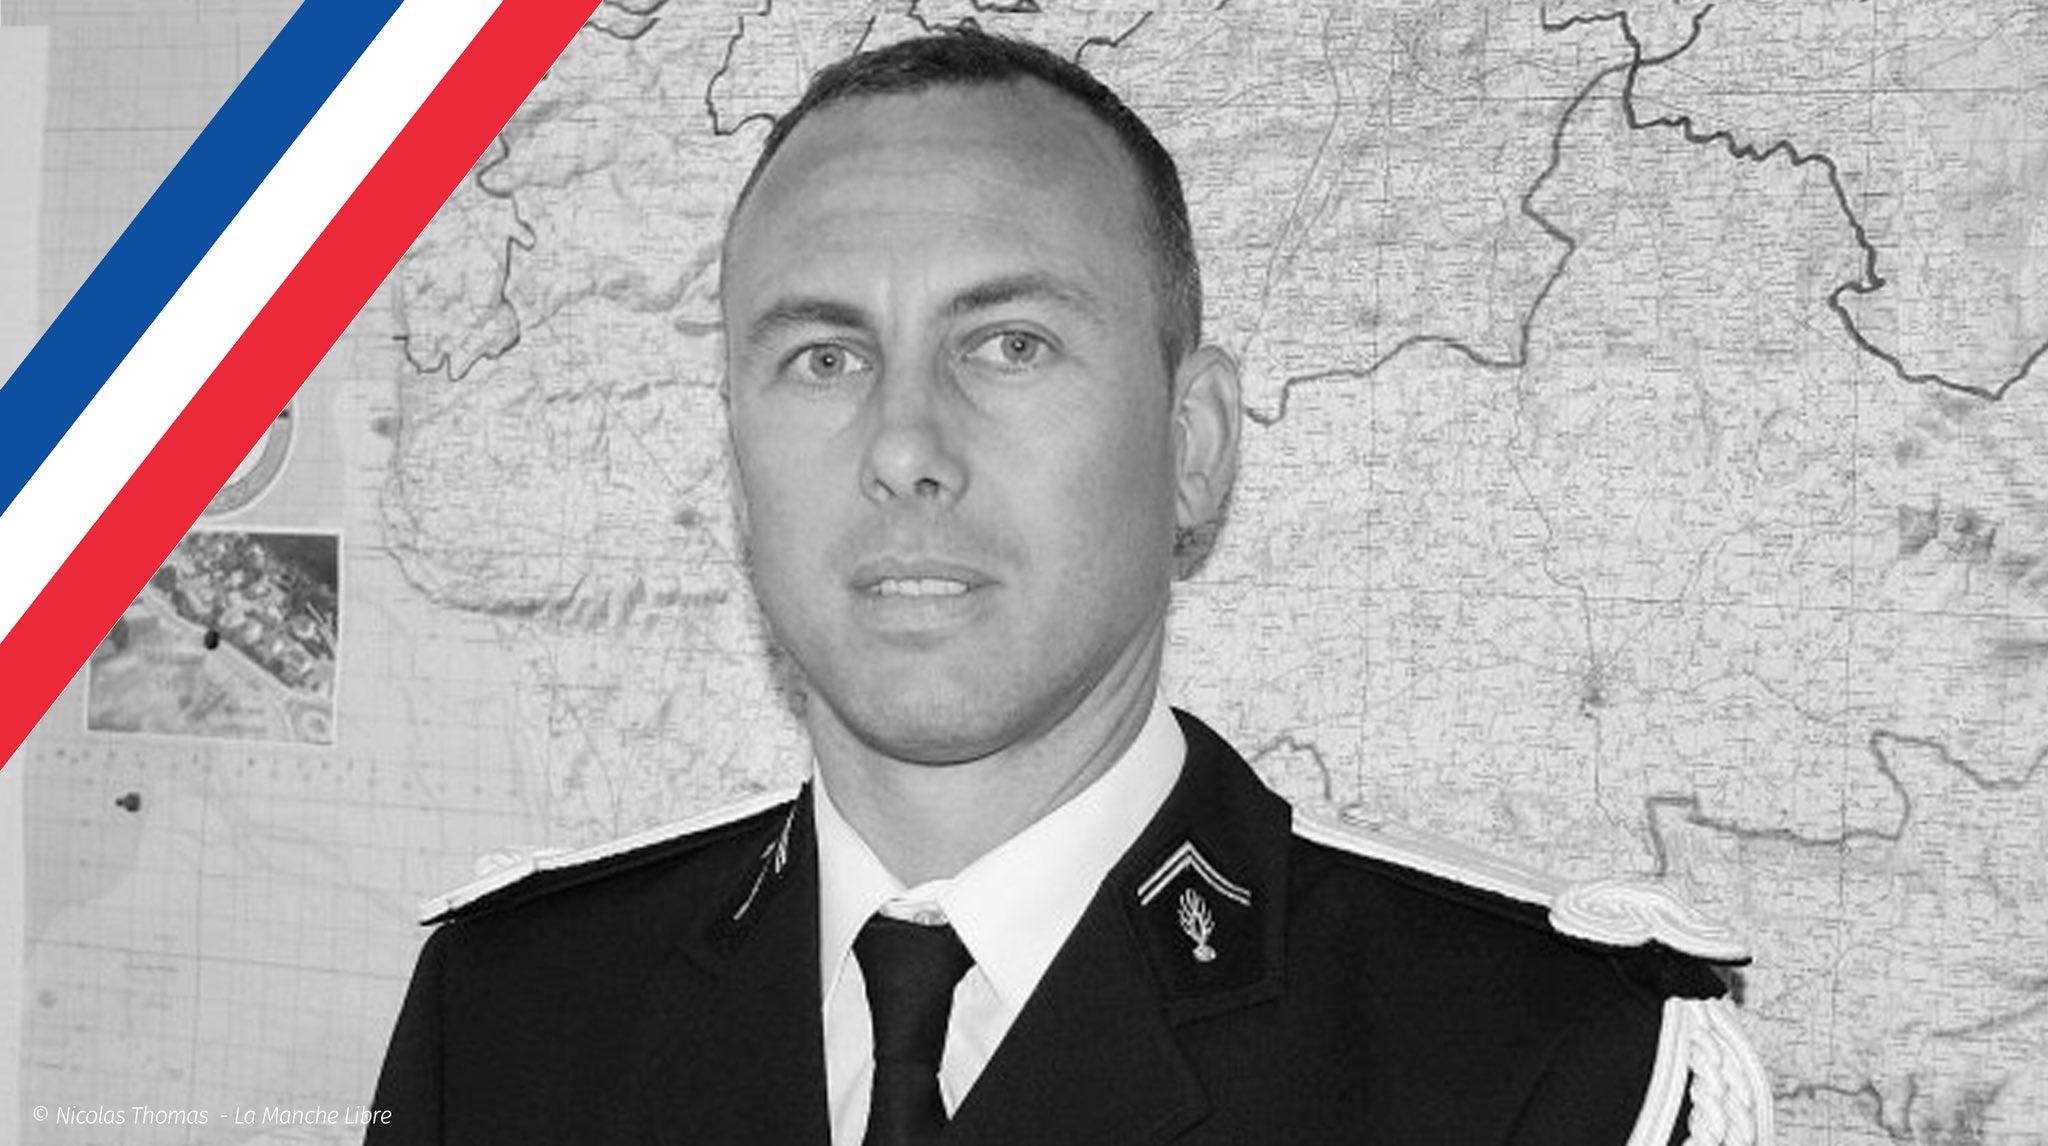 وفاة الشرطي الفرنسي الذي حل محل رهينة خلال هجوم الجمعة